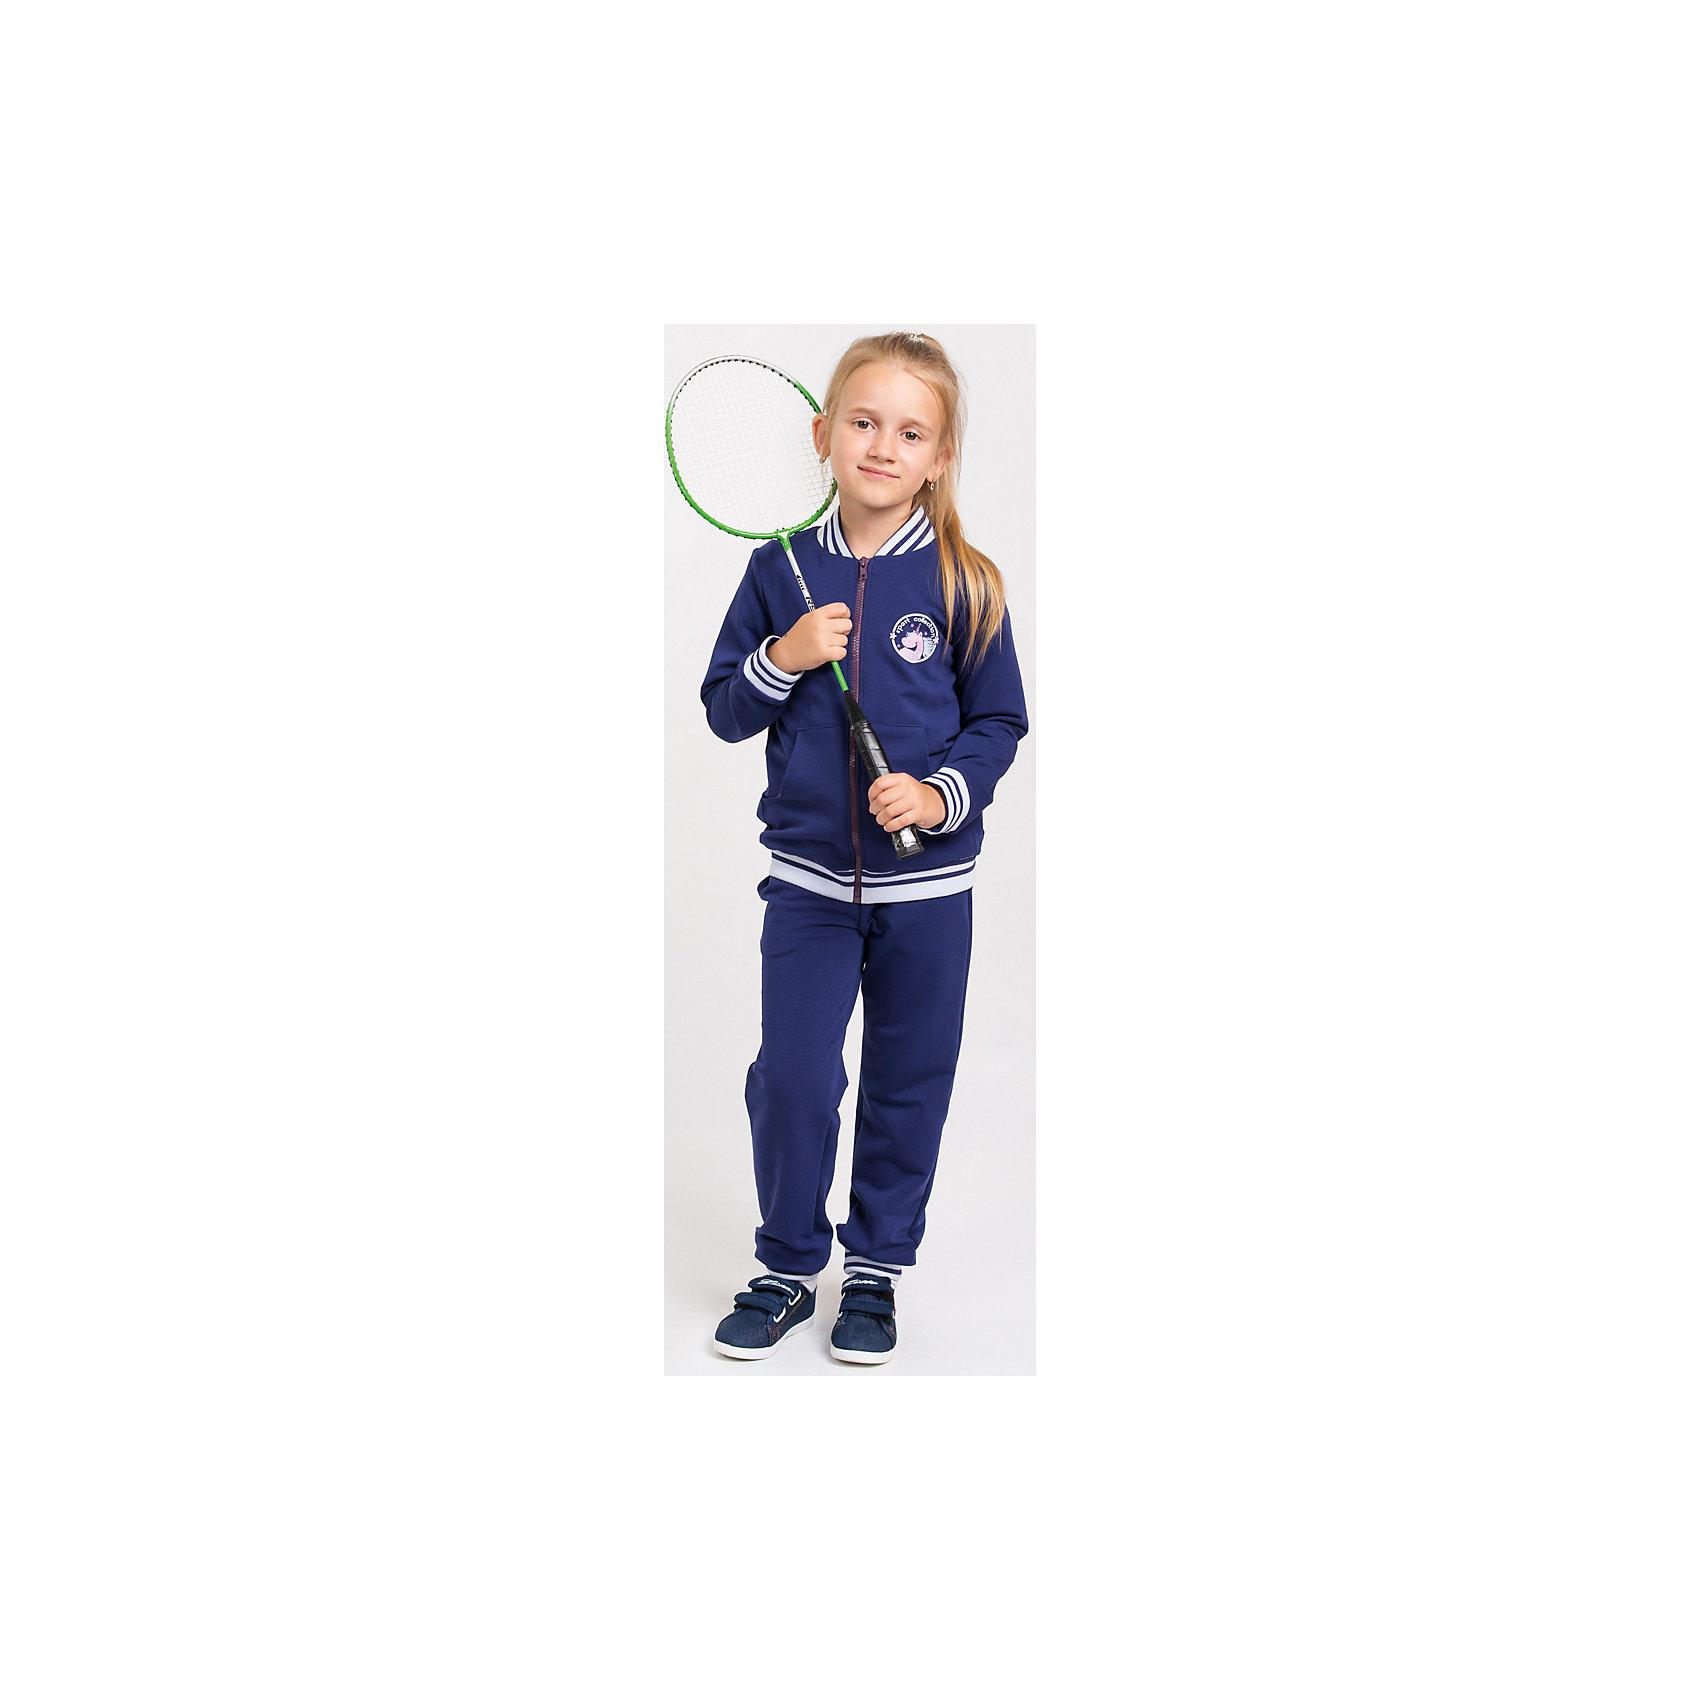 Спортивный костюм для девочкиСпортивный костюм для девочки от белорусской марки Goldy. Костюм состоит из толстовки и брюк с манжетами.<br>Состав:<br>Футер компакт пенье (70 хлоплк, 26 ПЭ, 4 лайкра), 230гр/м2<br><br>Ширина мм: 247<br>Глубина мм: 16<br>Высота мм: 140<br>Вес г: 225<br>Цвет: синий<br>Возраст от месяцев: 36<br>Возраст до месяцев: 48<br>Пол: Женский<br>Возраст: Детский<br>Размер: 104,98,128,122,116,110<br>SKU: 4921243